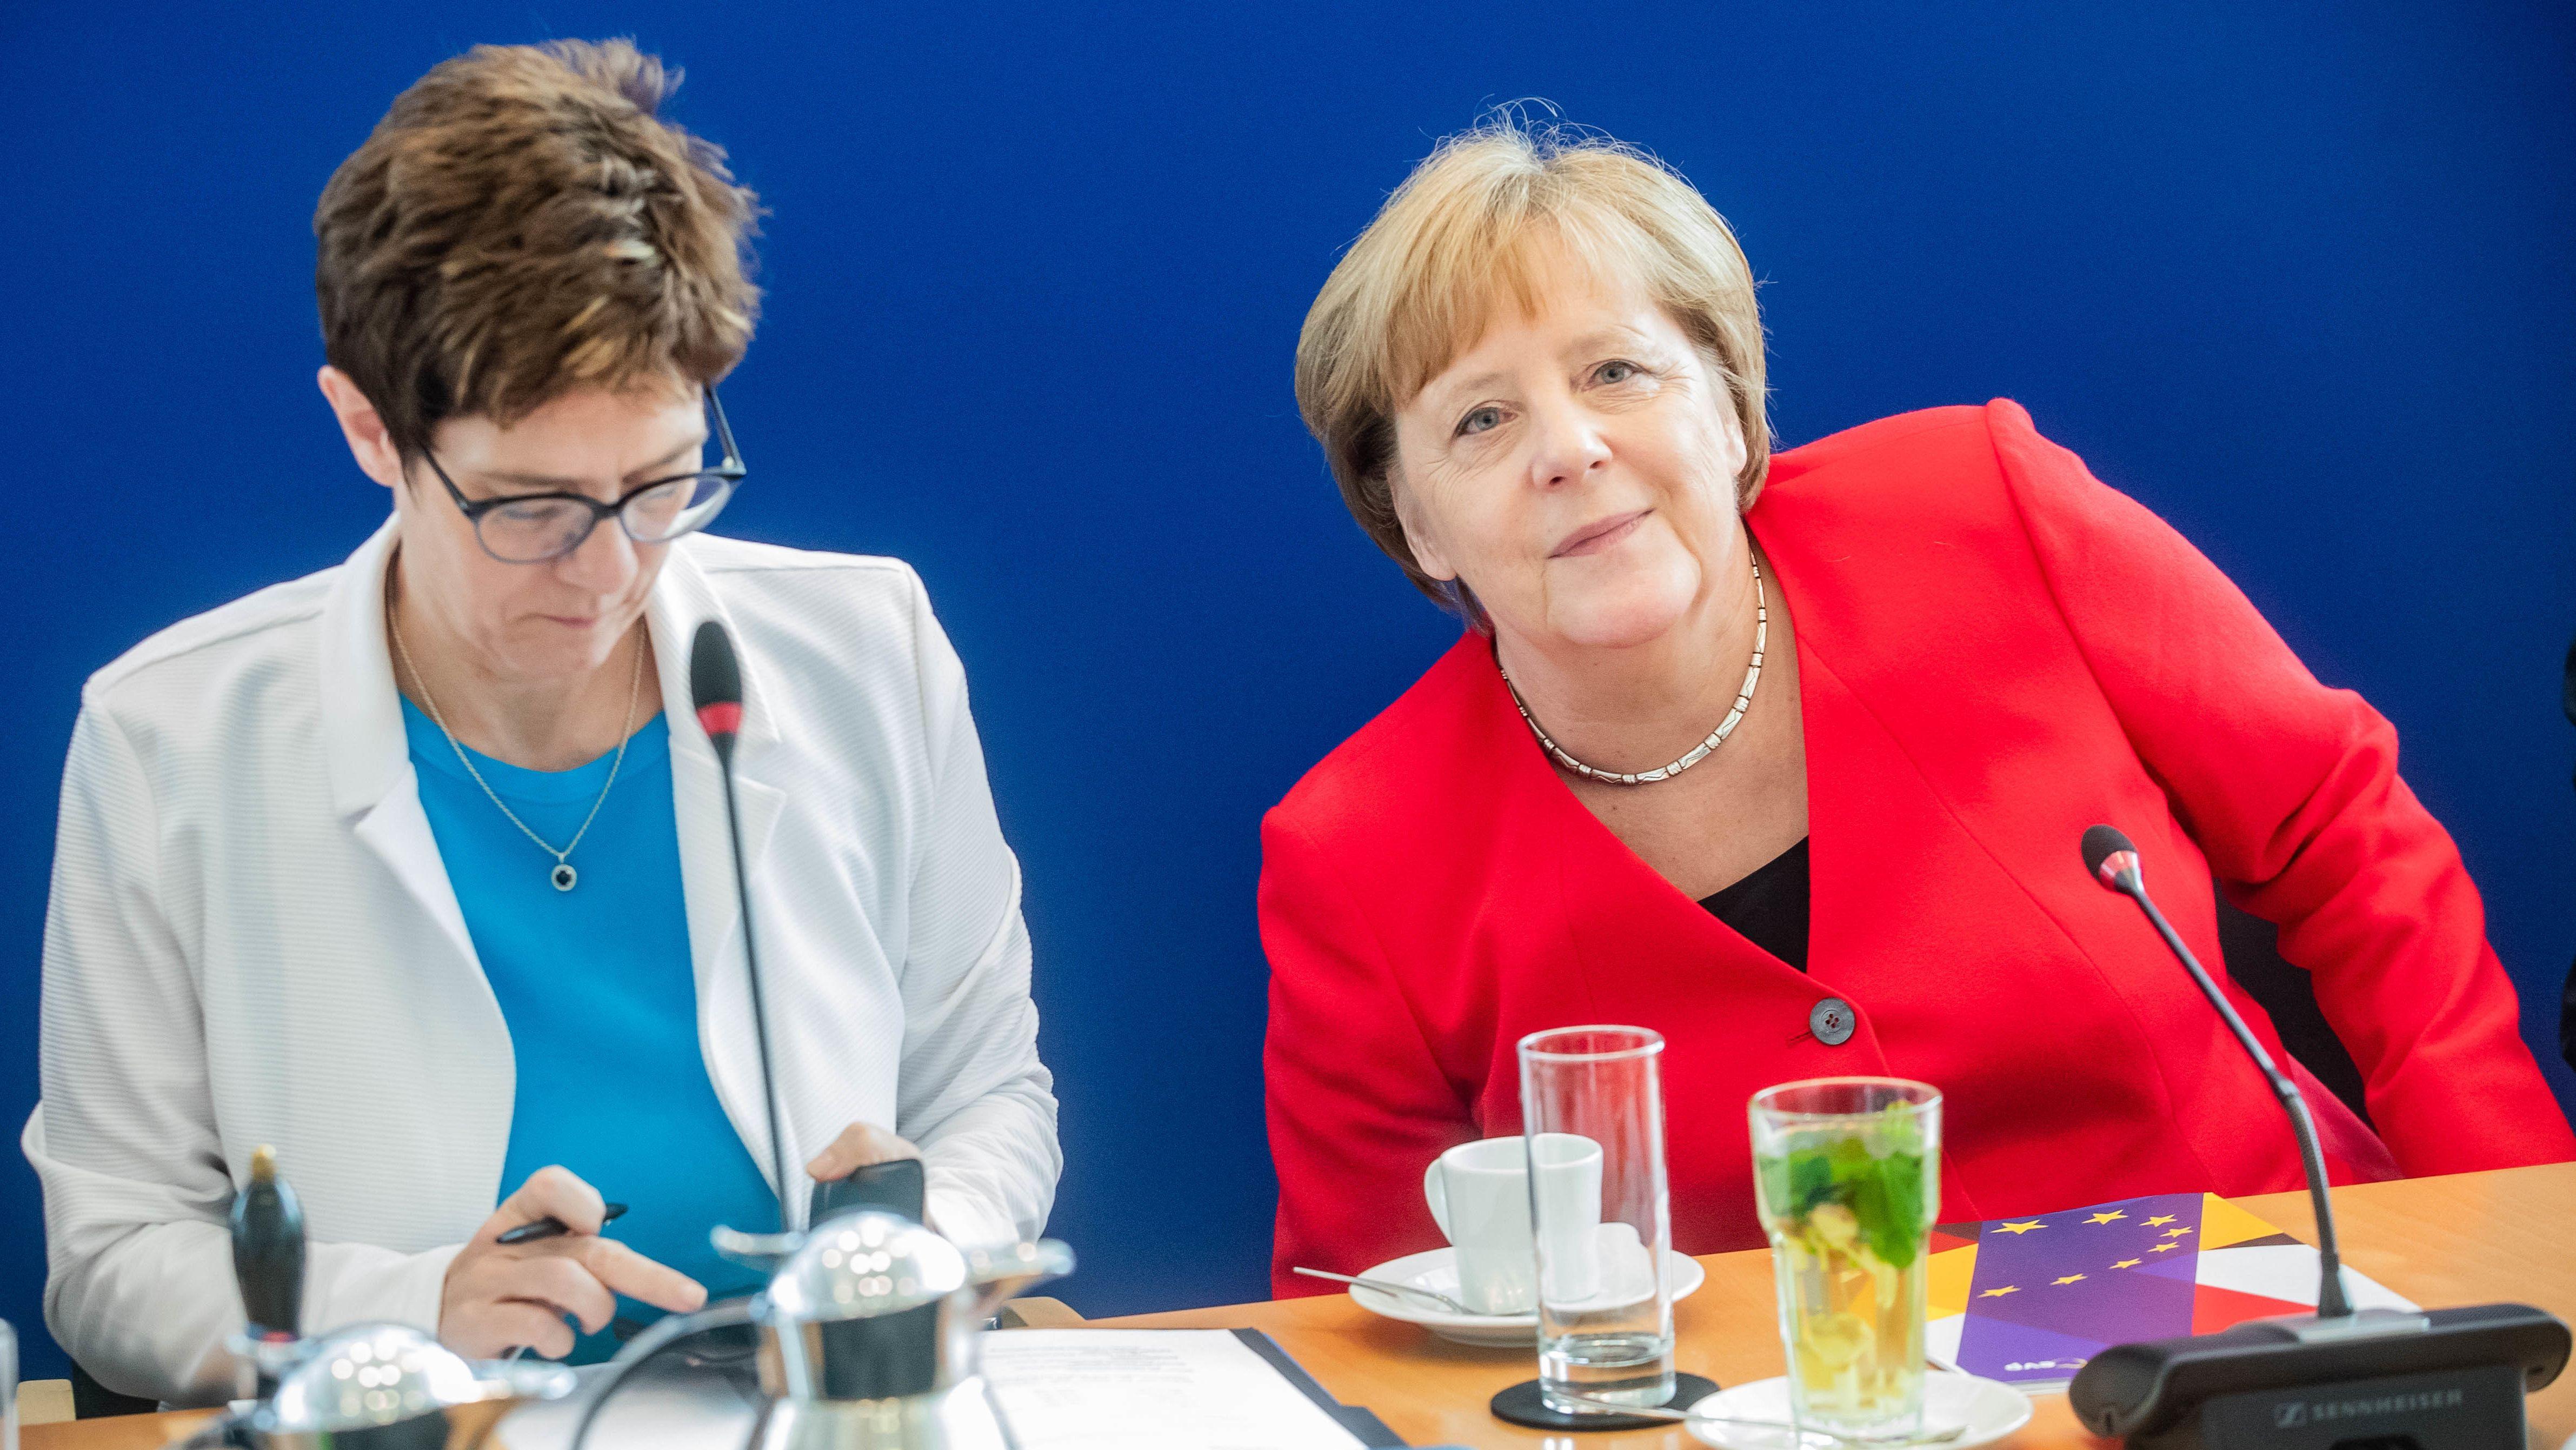 Annegret Kramp-Karrenbauer (l), Bundesvorsitzende der CDU, sitzt am Tag nach der Europawahl neben Bundeskanzlerin Angela Merkel (CDU).